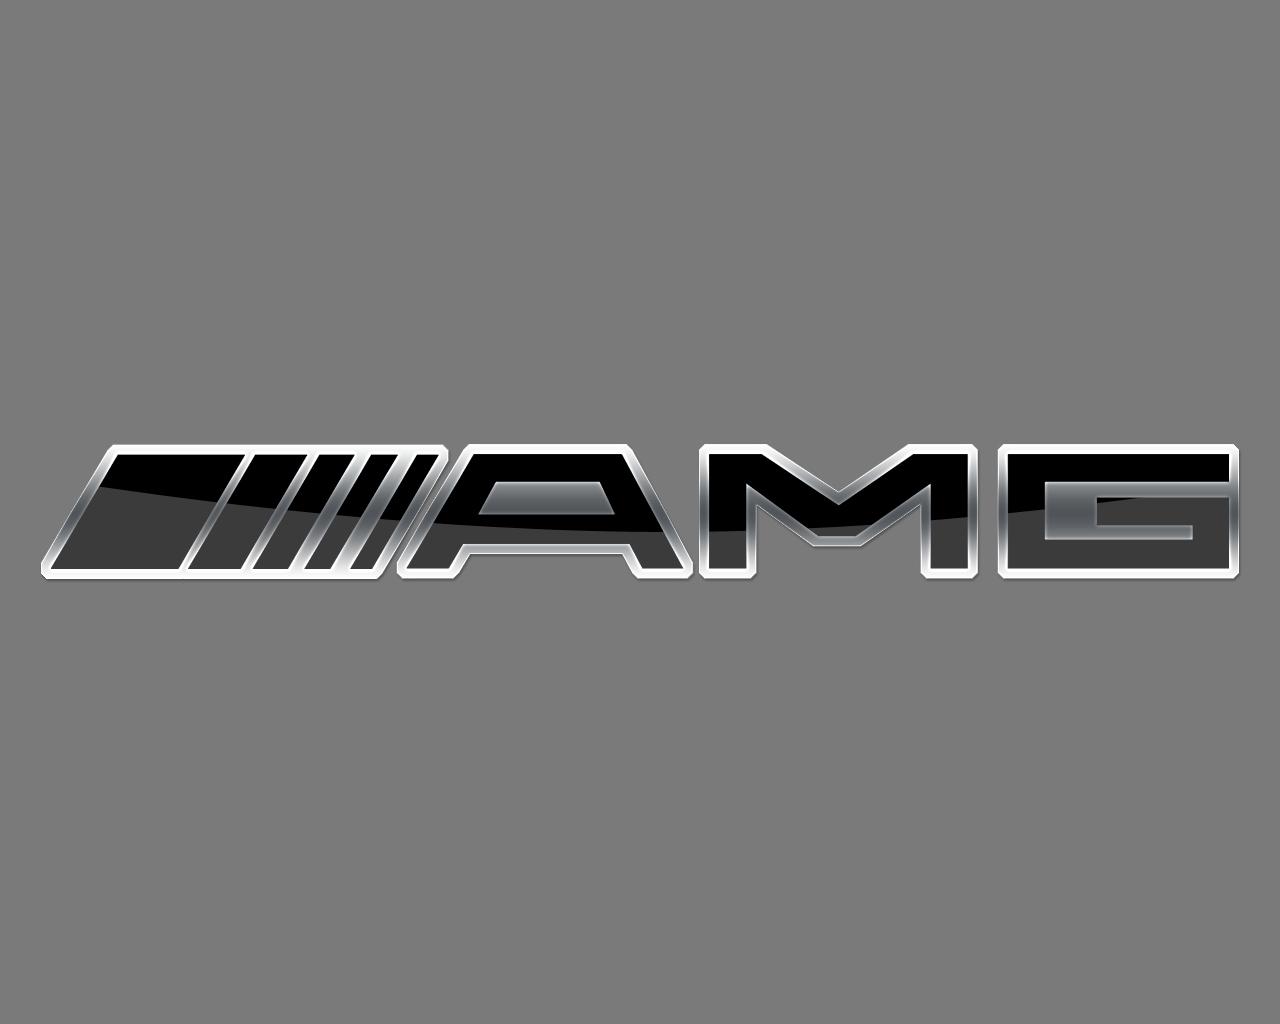 Mercedes Benz Logo Wallpaper Desktop together with Mercedes Benz Amg Wallpaper likewise View Mercedes benz cls 63 amg tuning 1680x1050 also 283 Mercedes Benz Cls63 Amg 2012 Iphone4 further Index. on cls63 amg logo